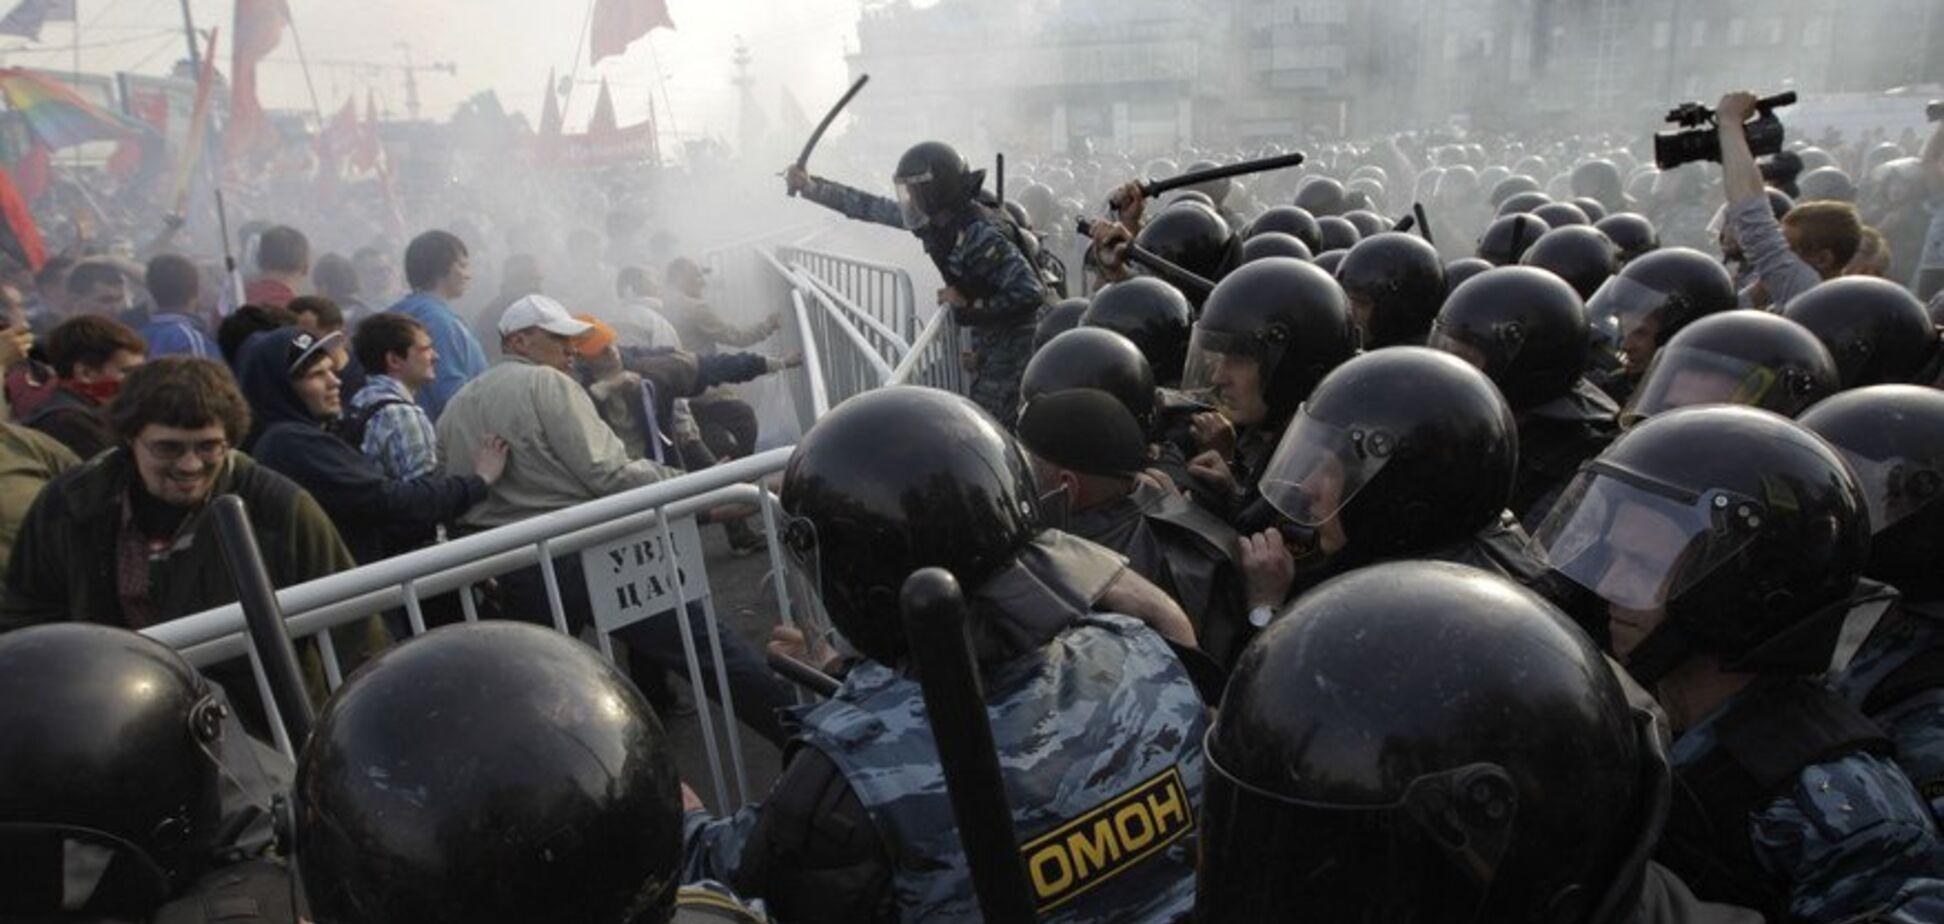 'Безглуздий і нещадний': бунти у Росії висміяли їдкою карикатурою